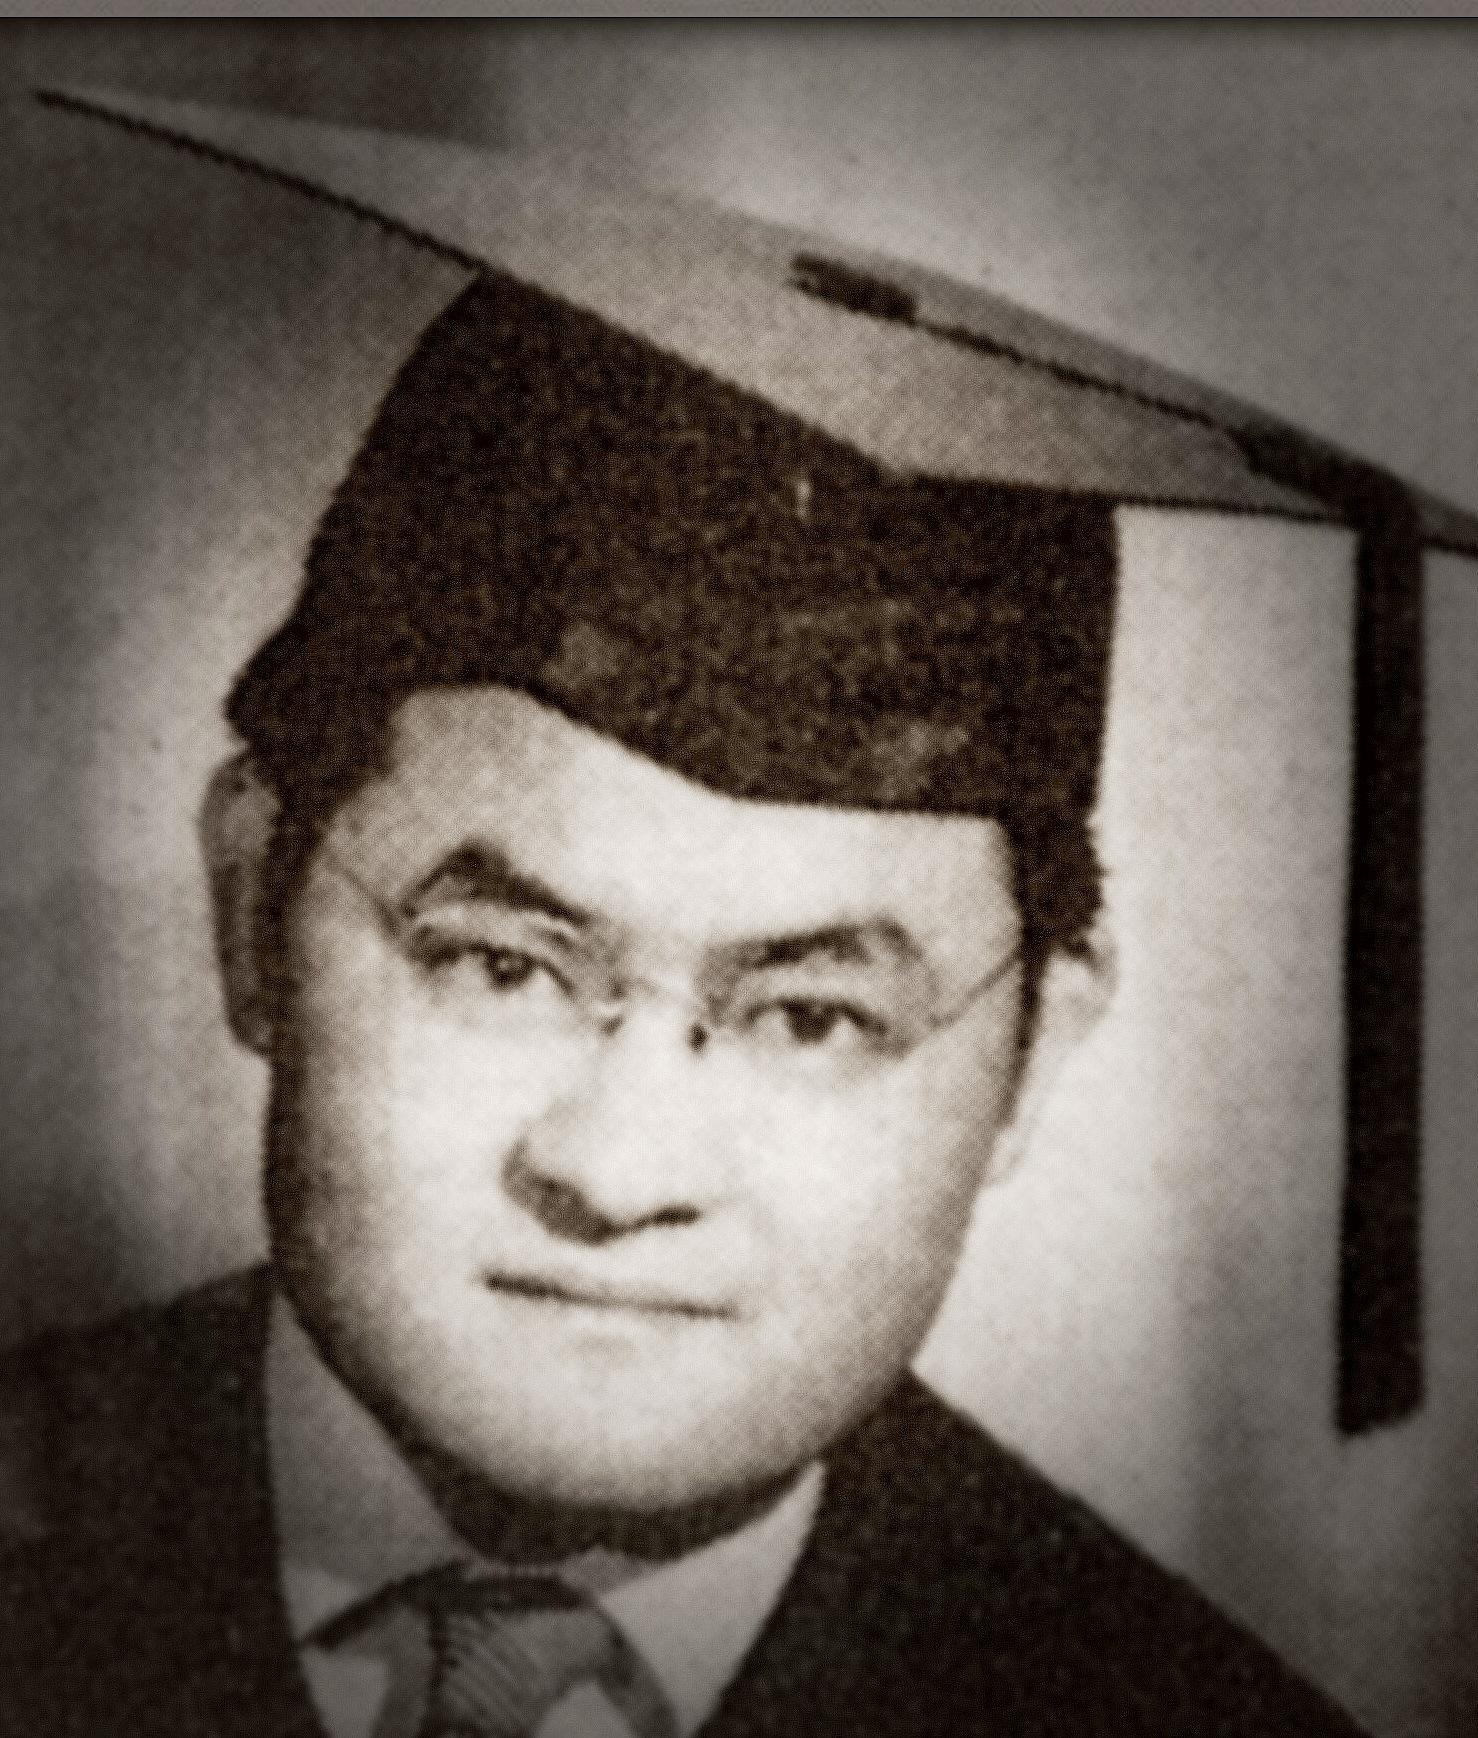 Takeo Fujii